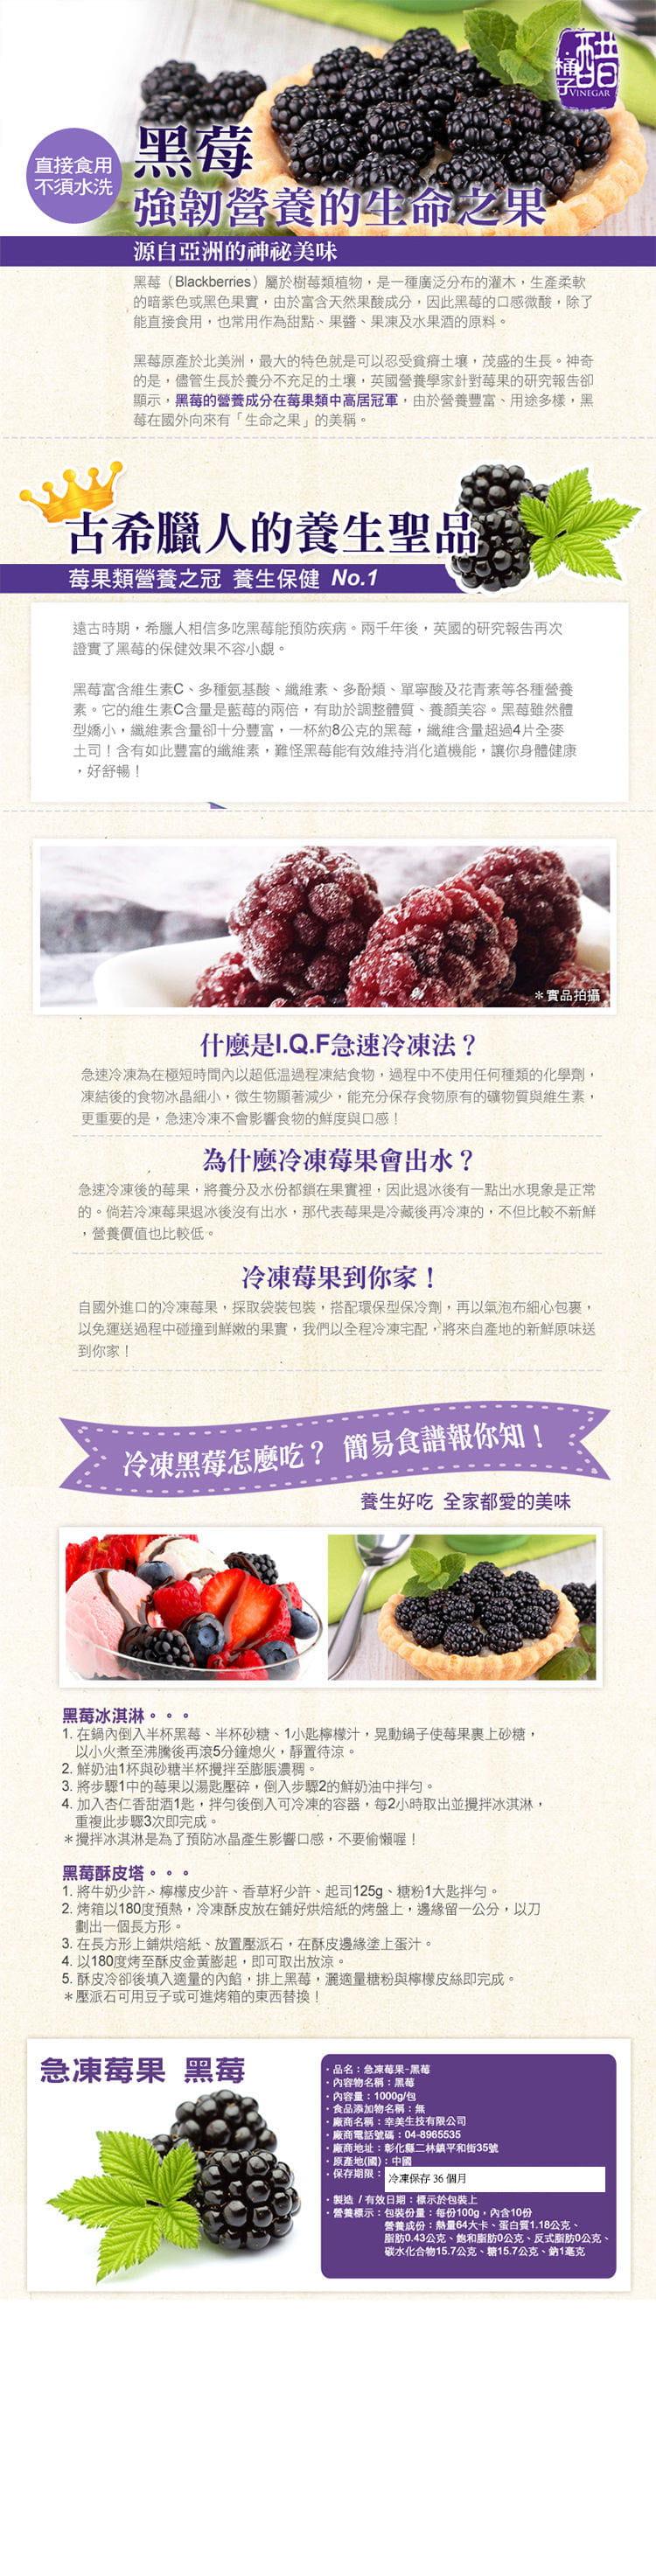 【幸美生技】進口鮮凍花青莓果重量包任選 4